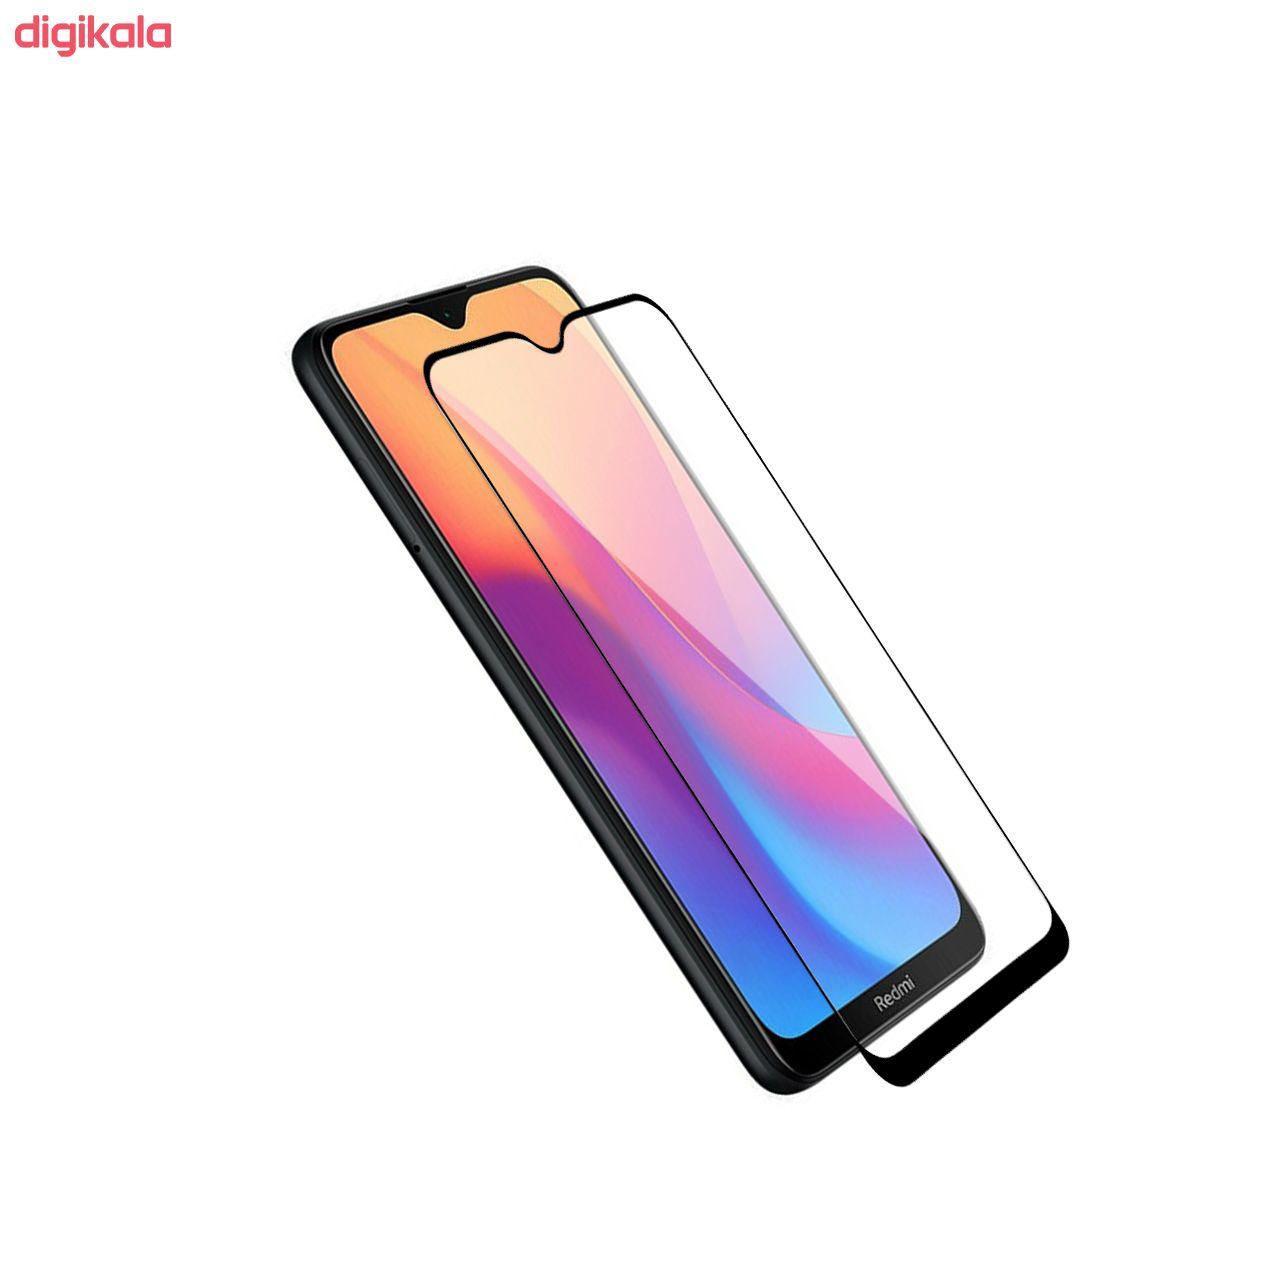 محافظ صفحه نمایش سیحان مدل FG مناسب برای گوشی موبایل شیائومی Redmi 8A main 1 1